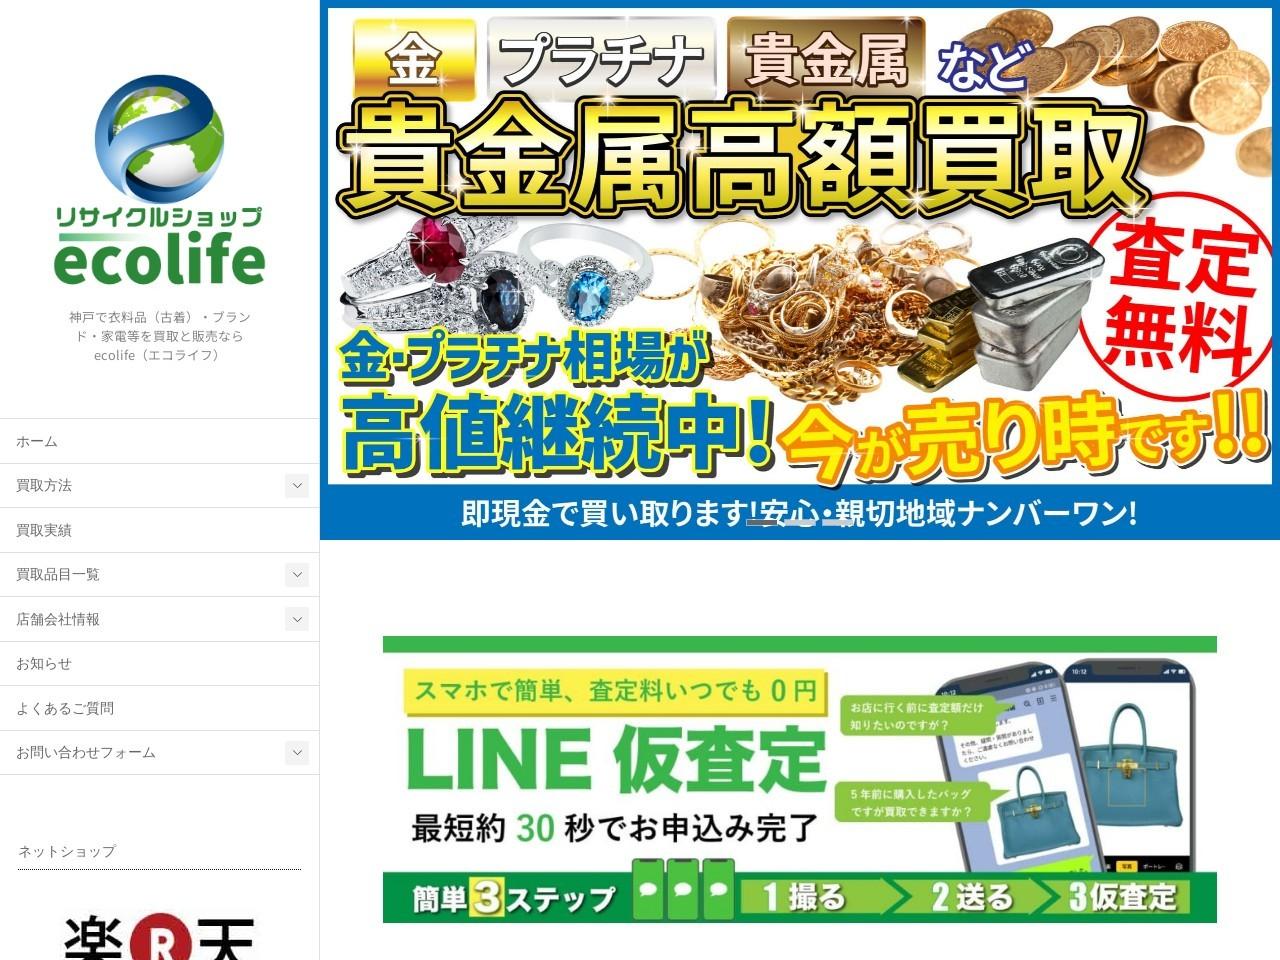 神戸で中古品・ブランド古着の買取・販売ならリサイクルストア「エコライフグループ」へ!